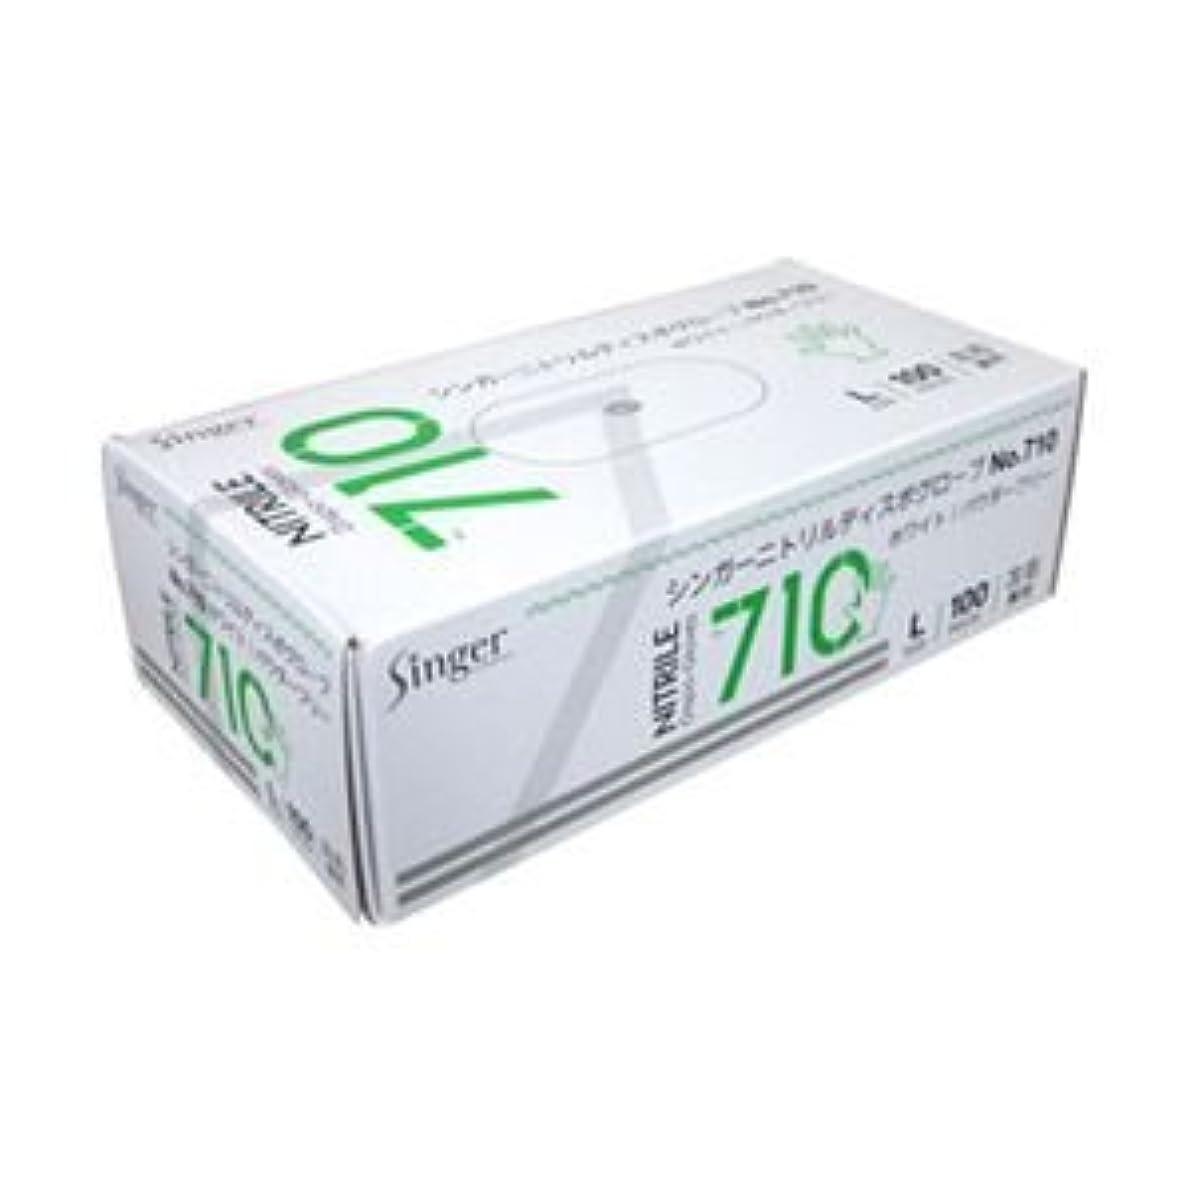 眼毎年海岸(業務用セット) ニトリル手袋 粉なし ホワイト L 1箱(100枚) 【×5セット】 dS-1642153